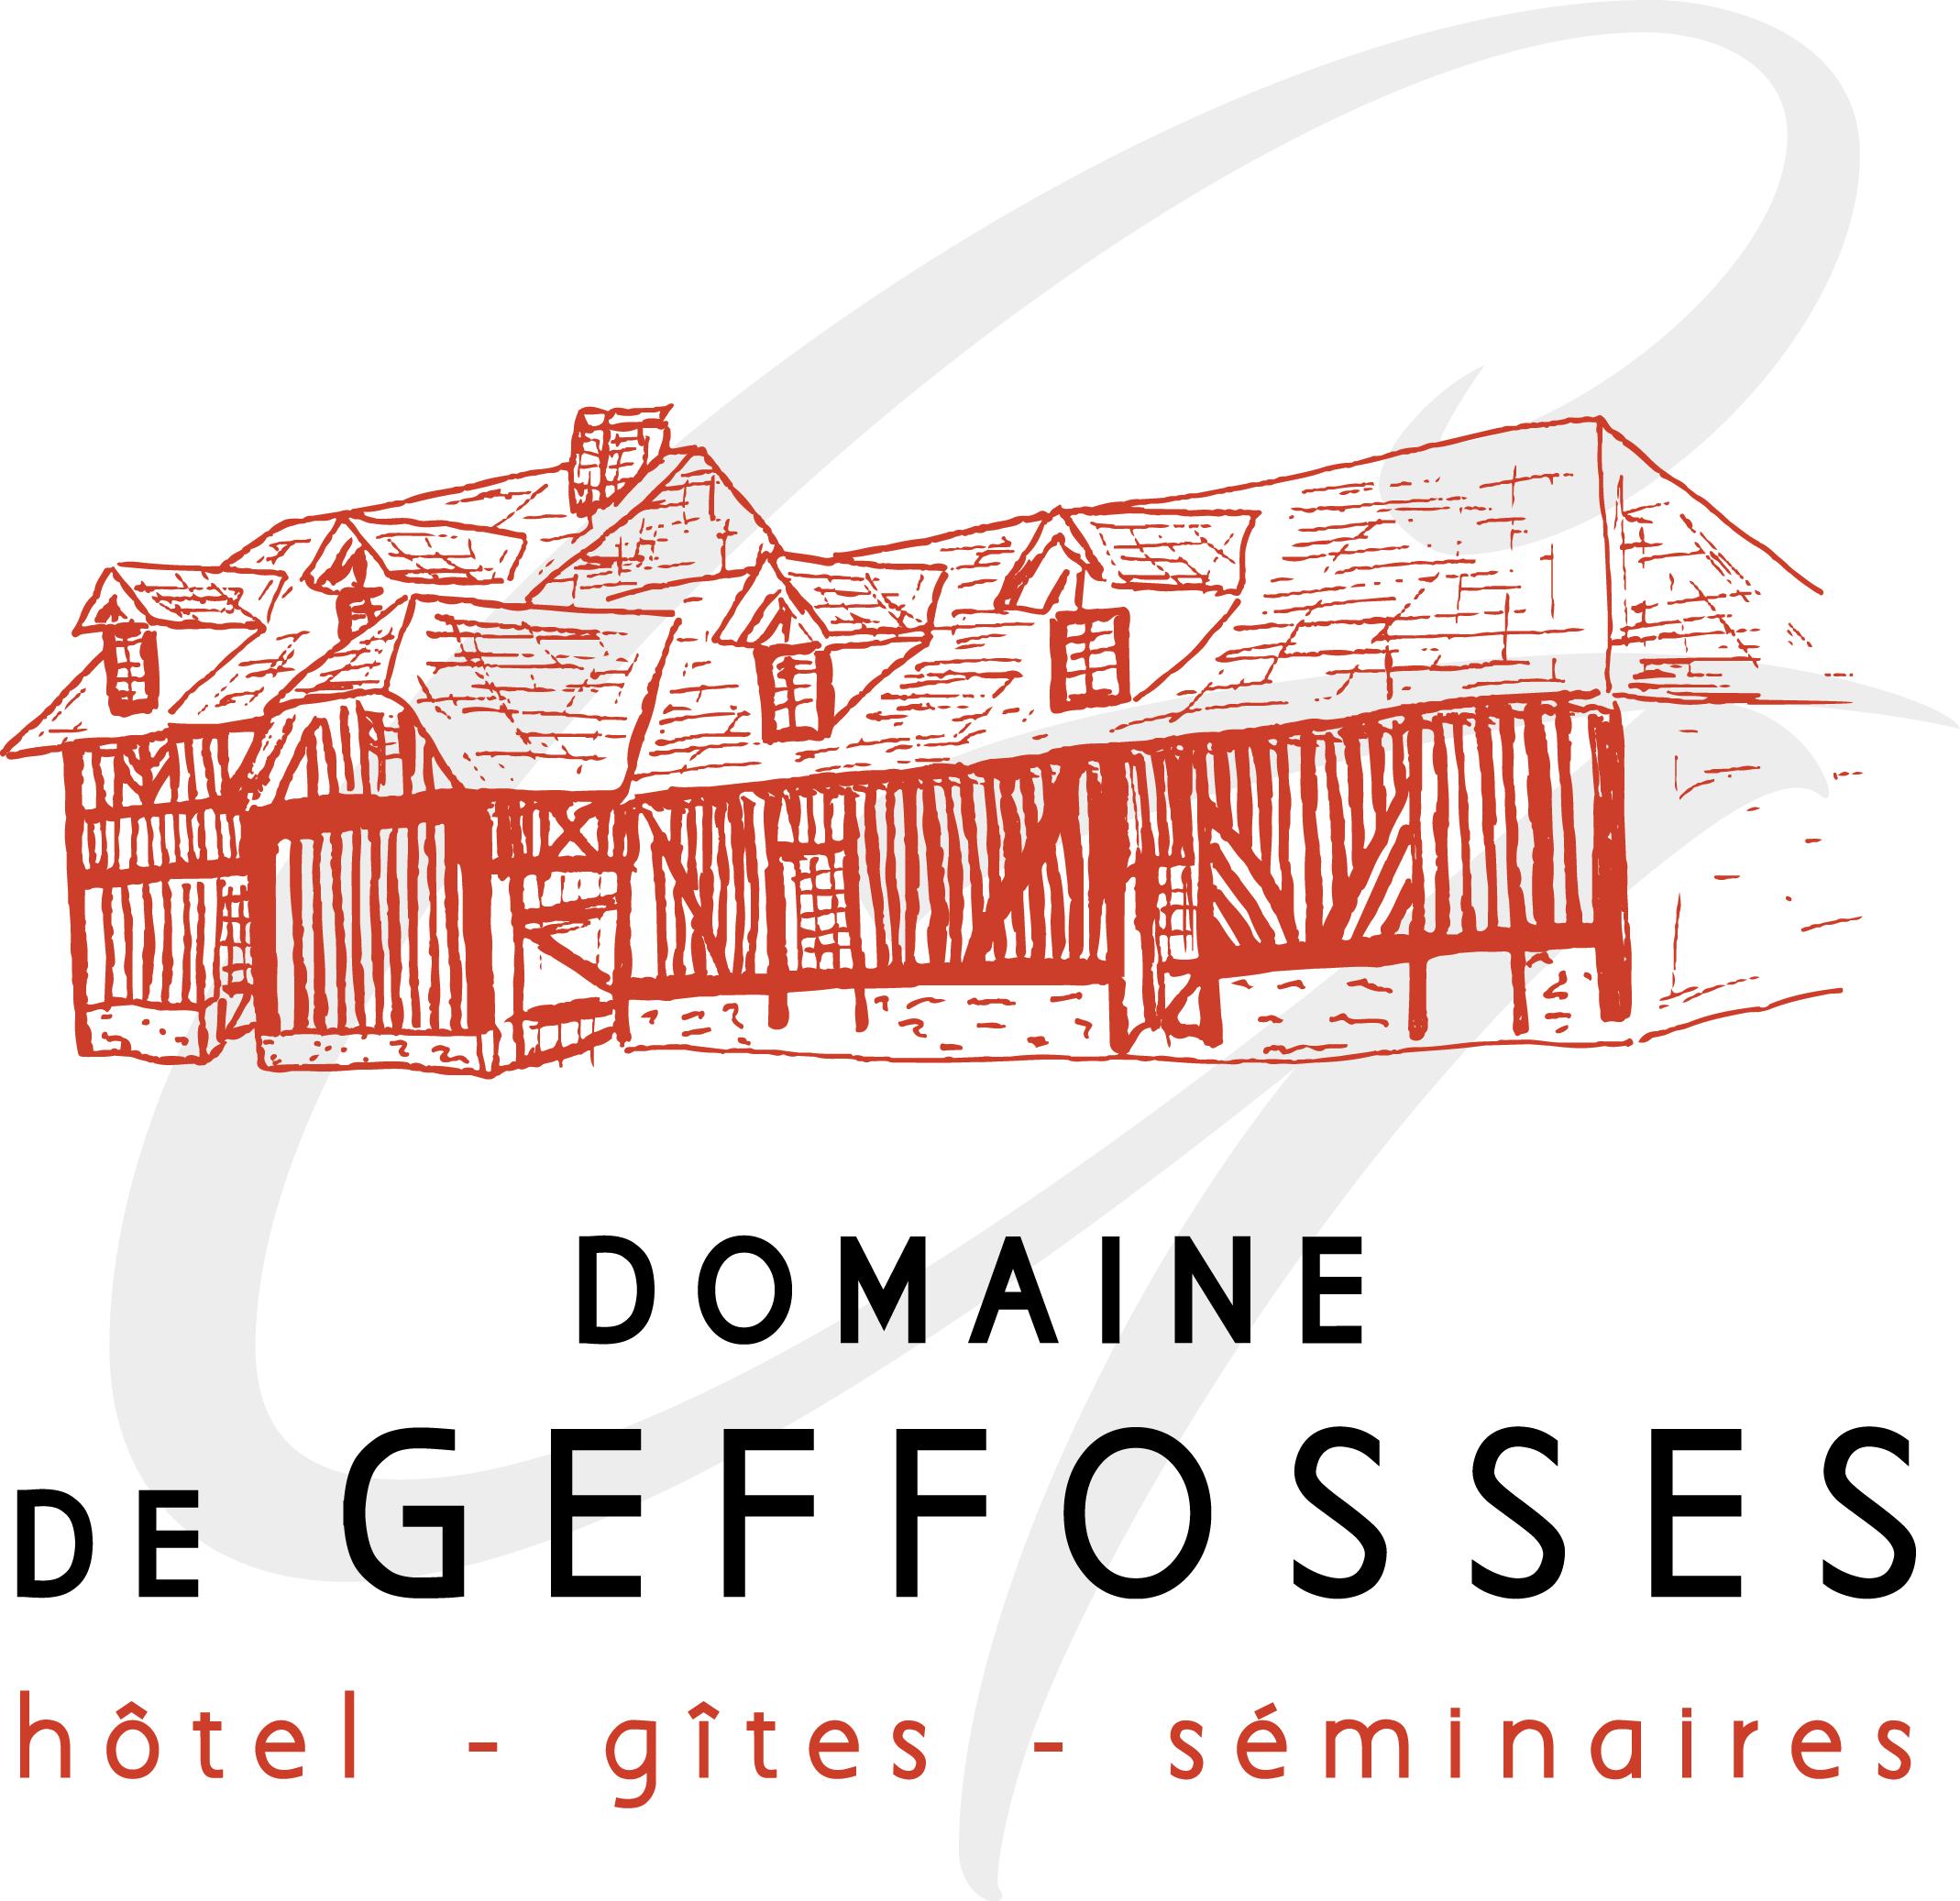 Domaine de Geffosses